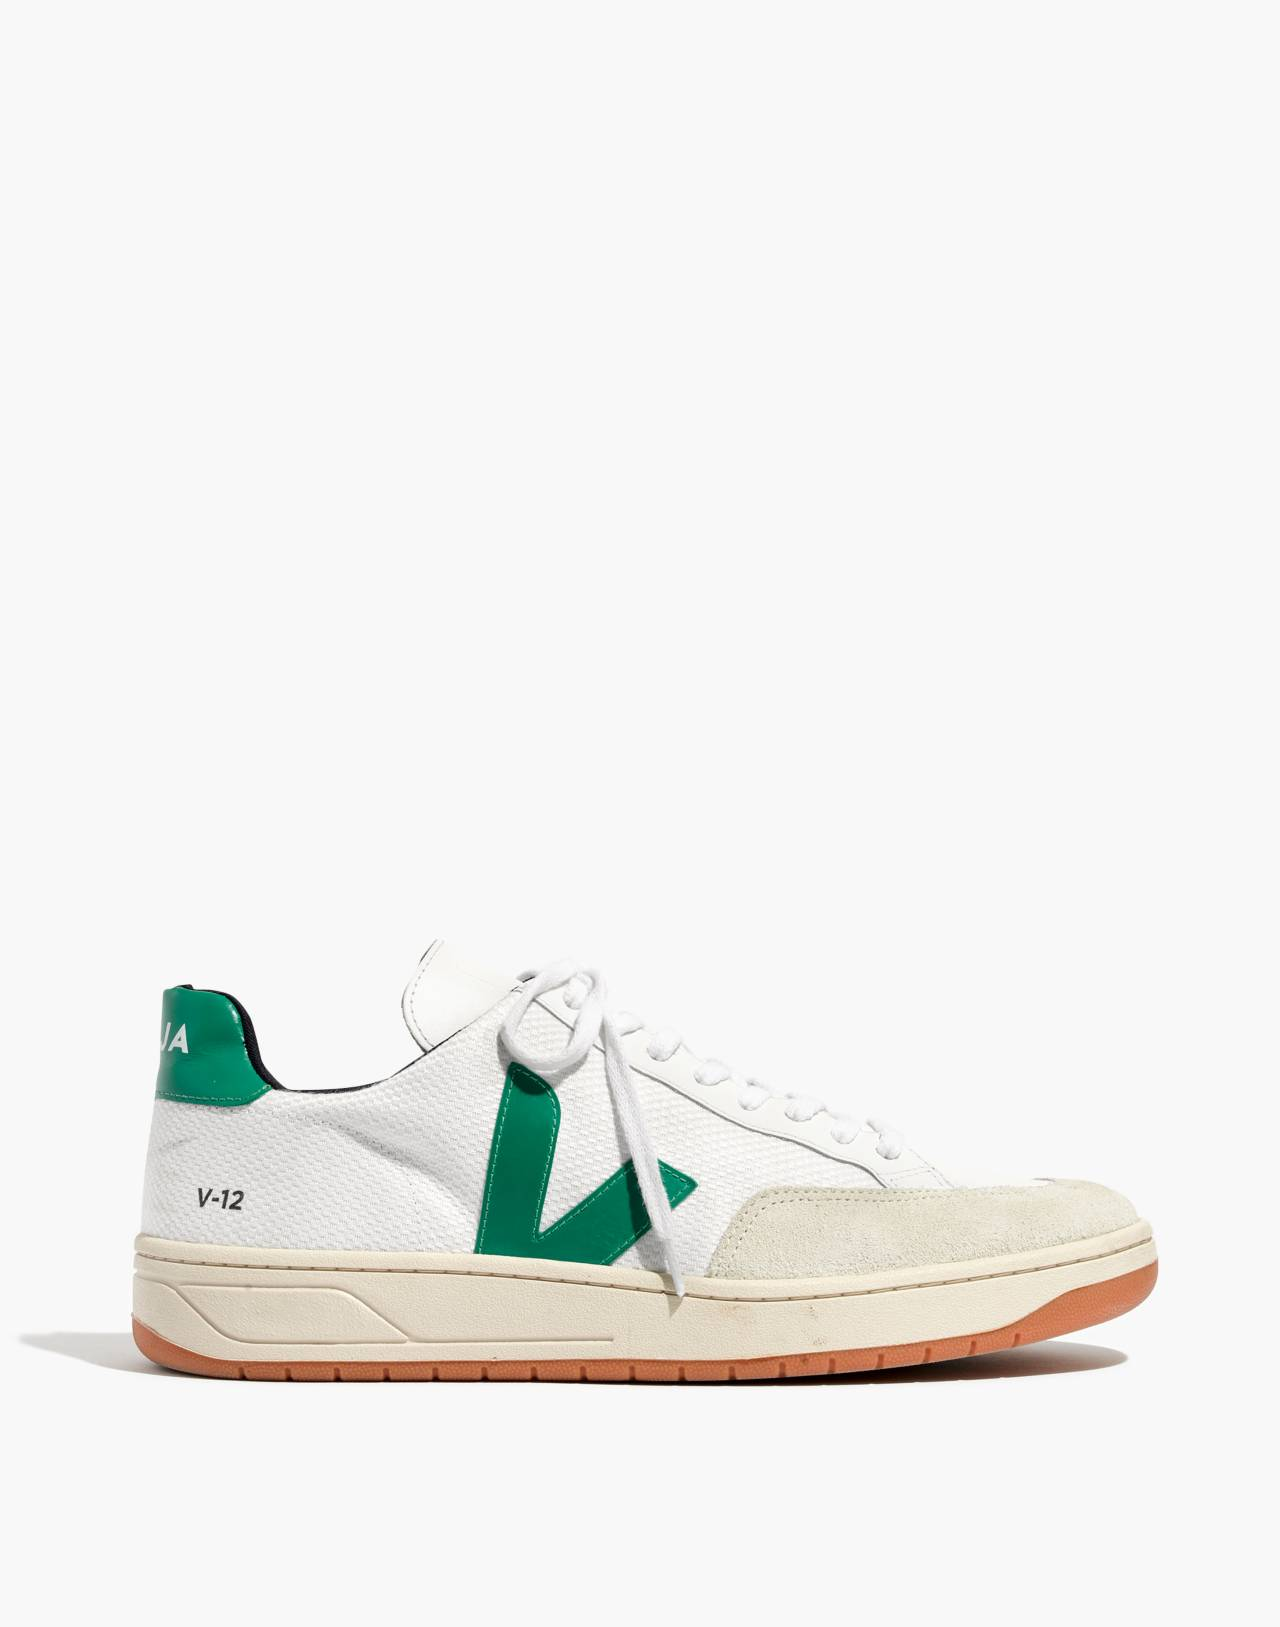 Veja™ Men's V-12 Sneakers in white green image 1